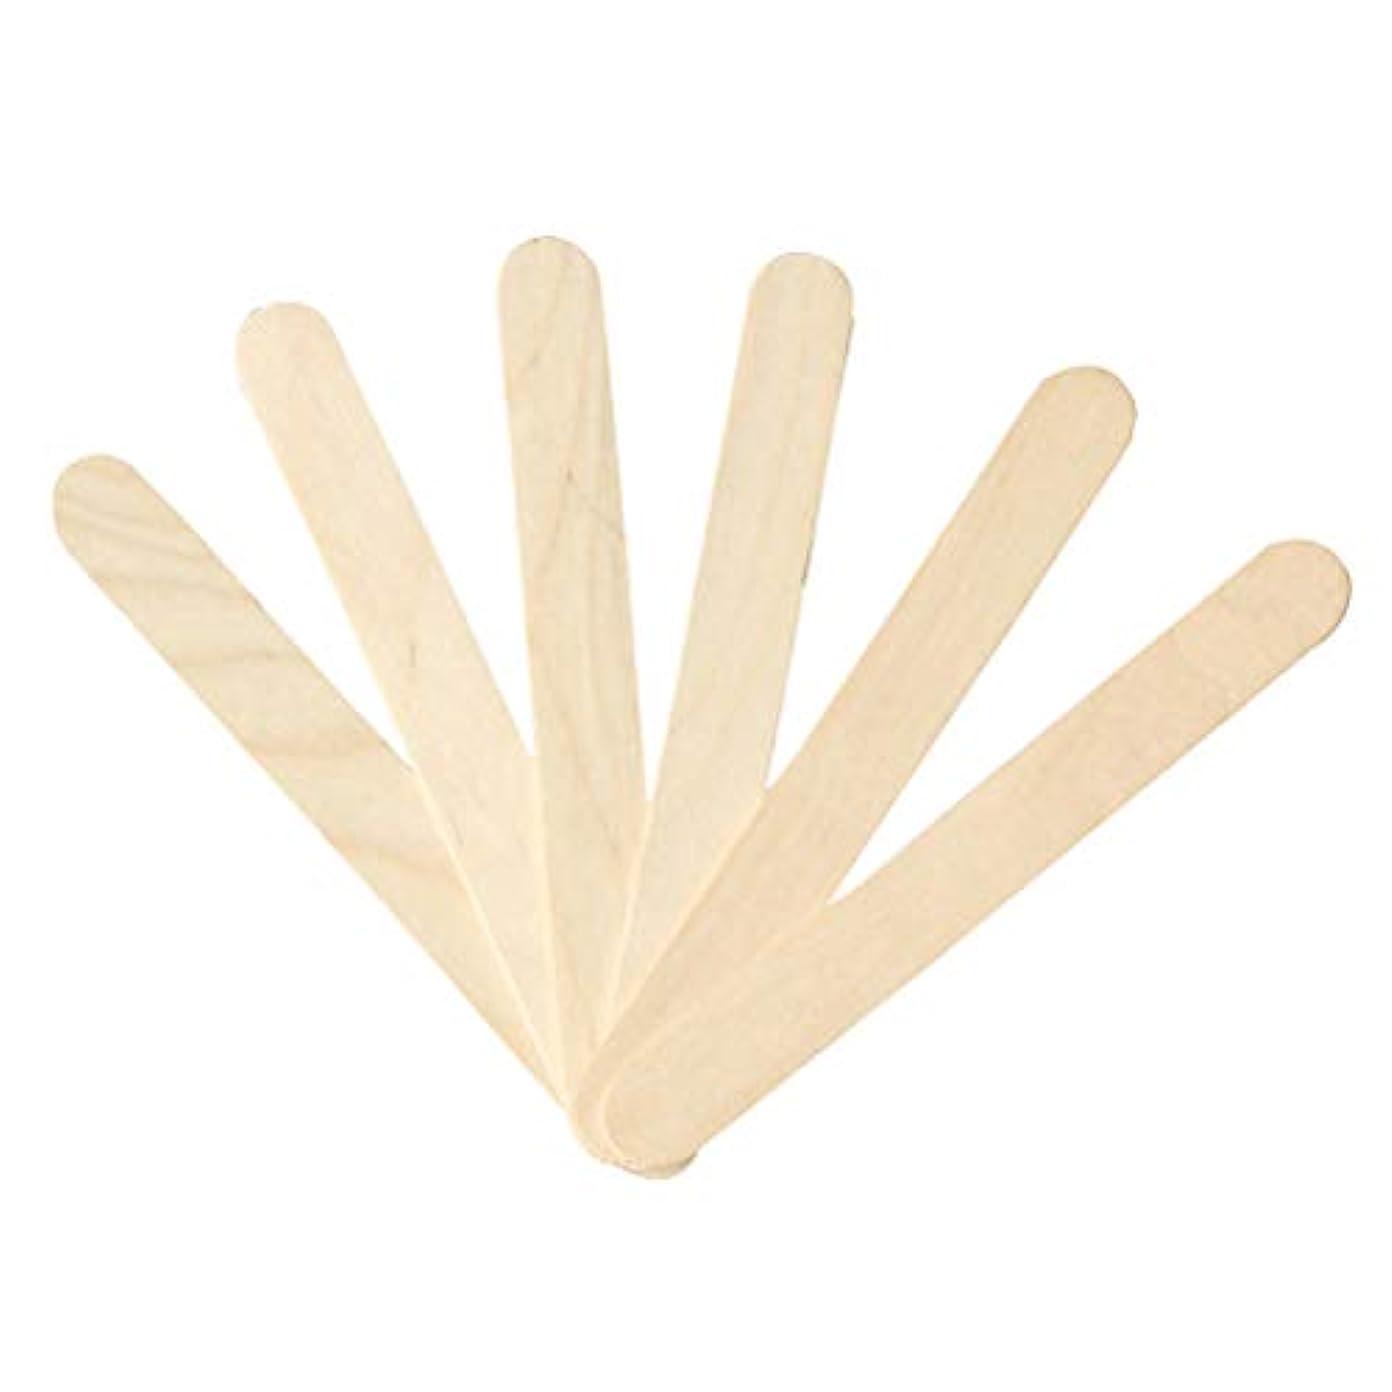 木製年次お肉Healifty 200PC舌圧子、軟膏剤を混合または攪拌するためのワックス剤塗布工芸品